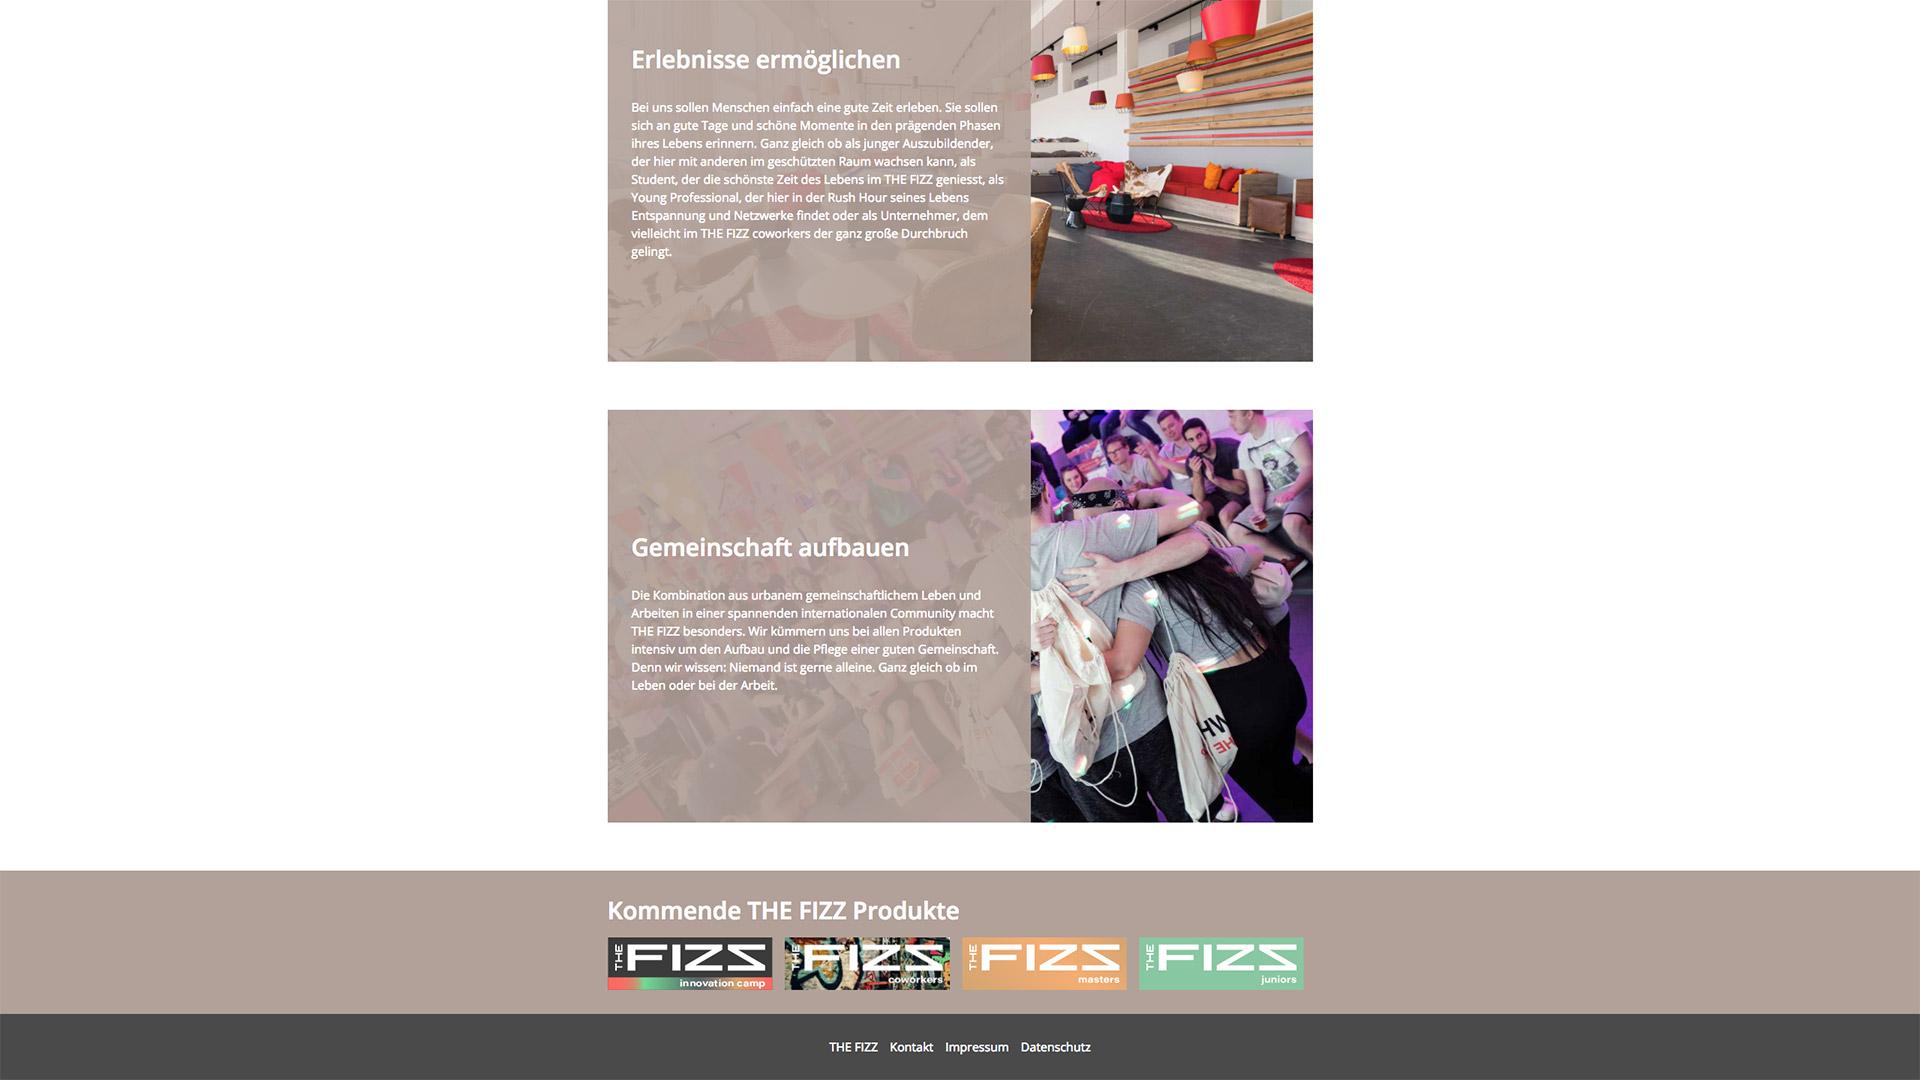 Textliche Inhalte der THE FIZZ business